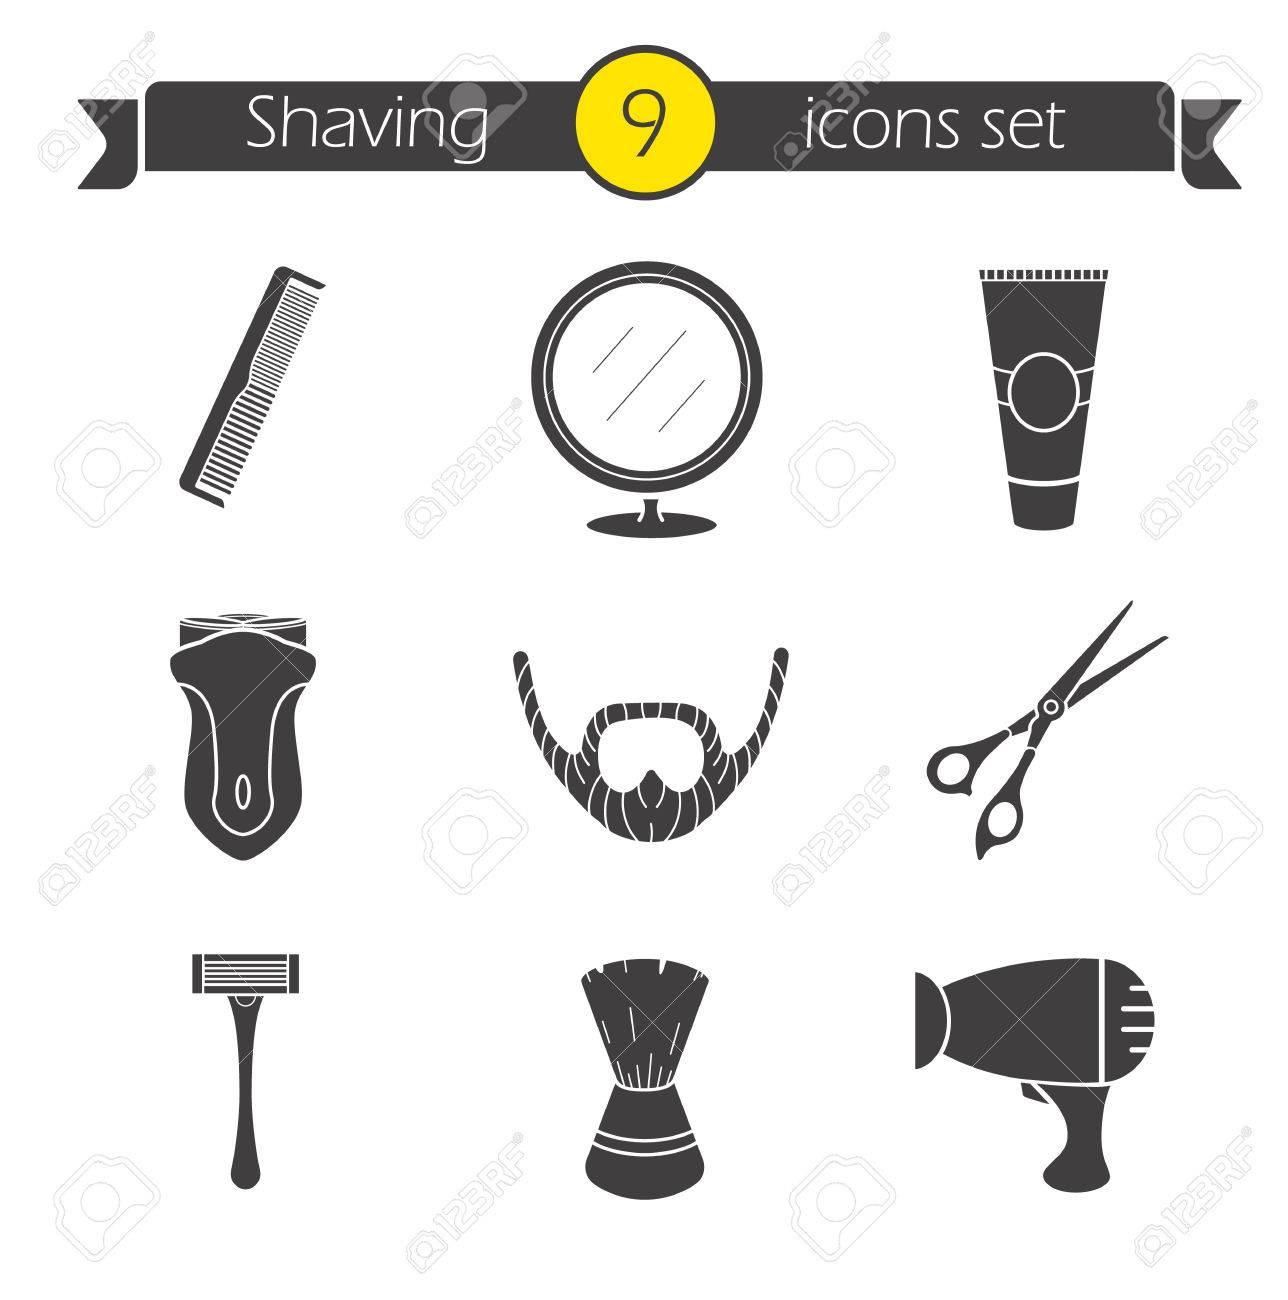 Conjunto de iconos de afeitar. Peluquería silueta símbolos. Afeitadora  eléctrica 8ebd54150060